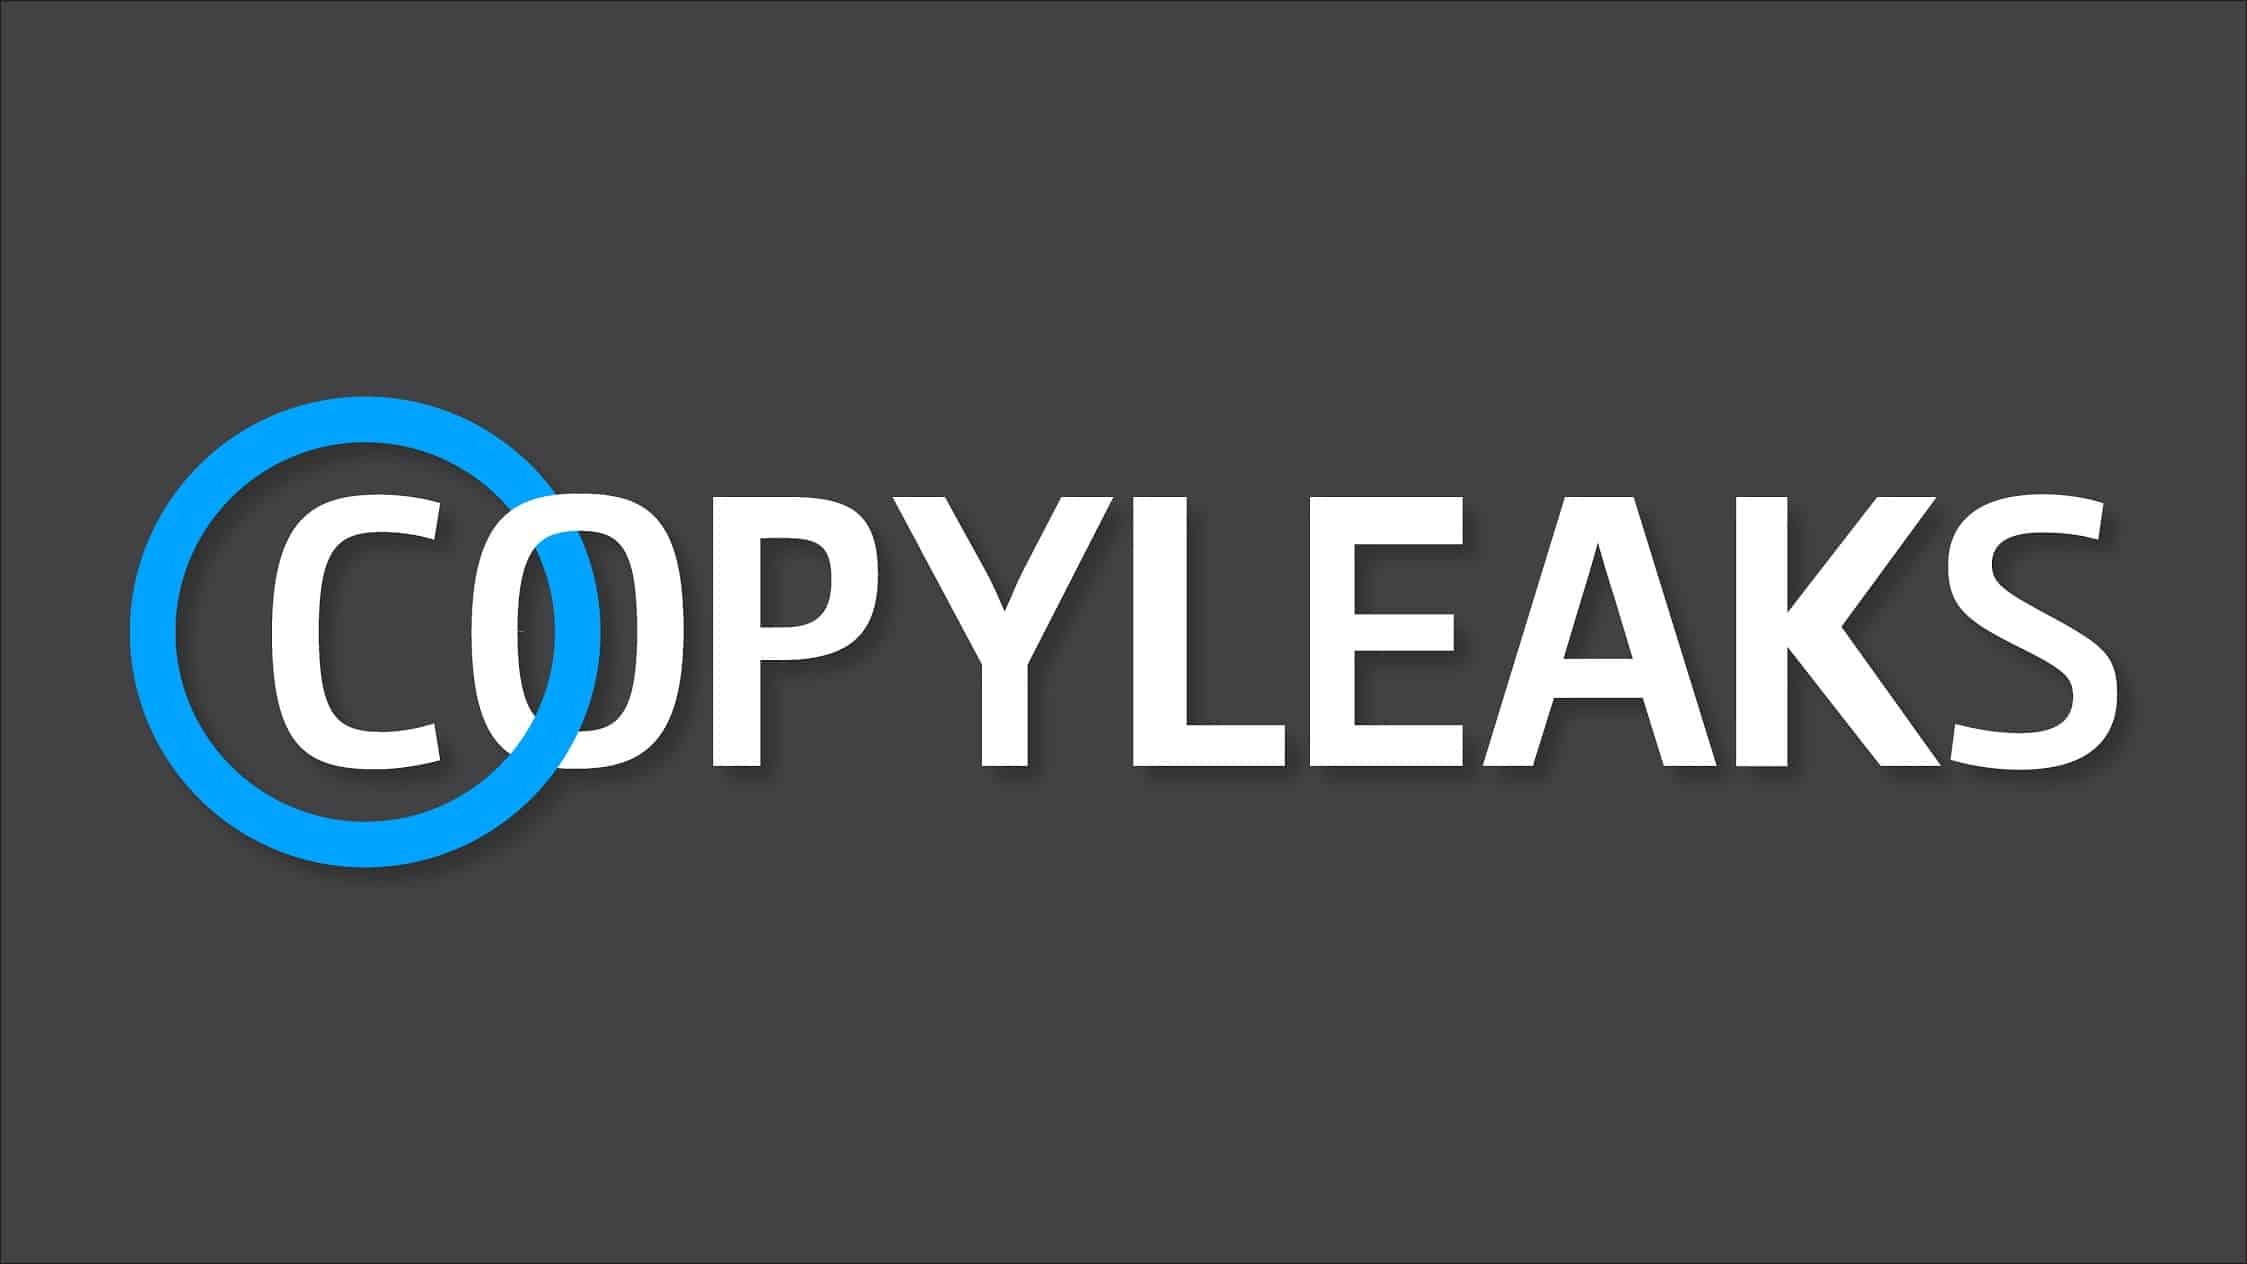 CopyLeaks image